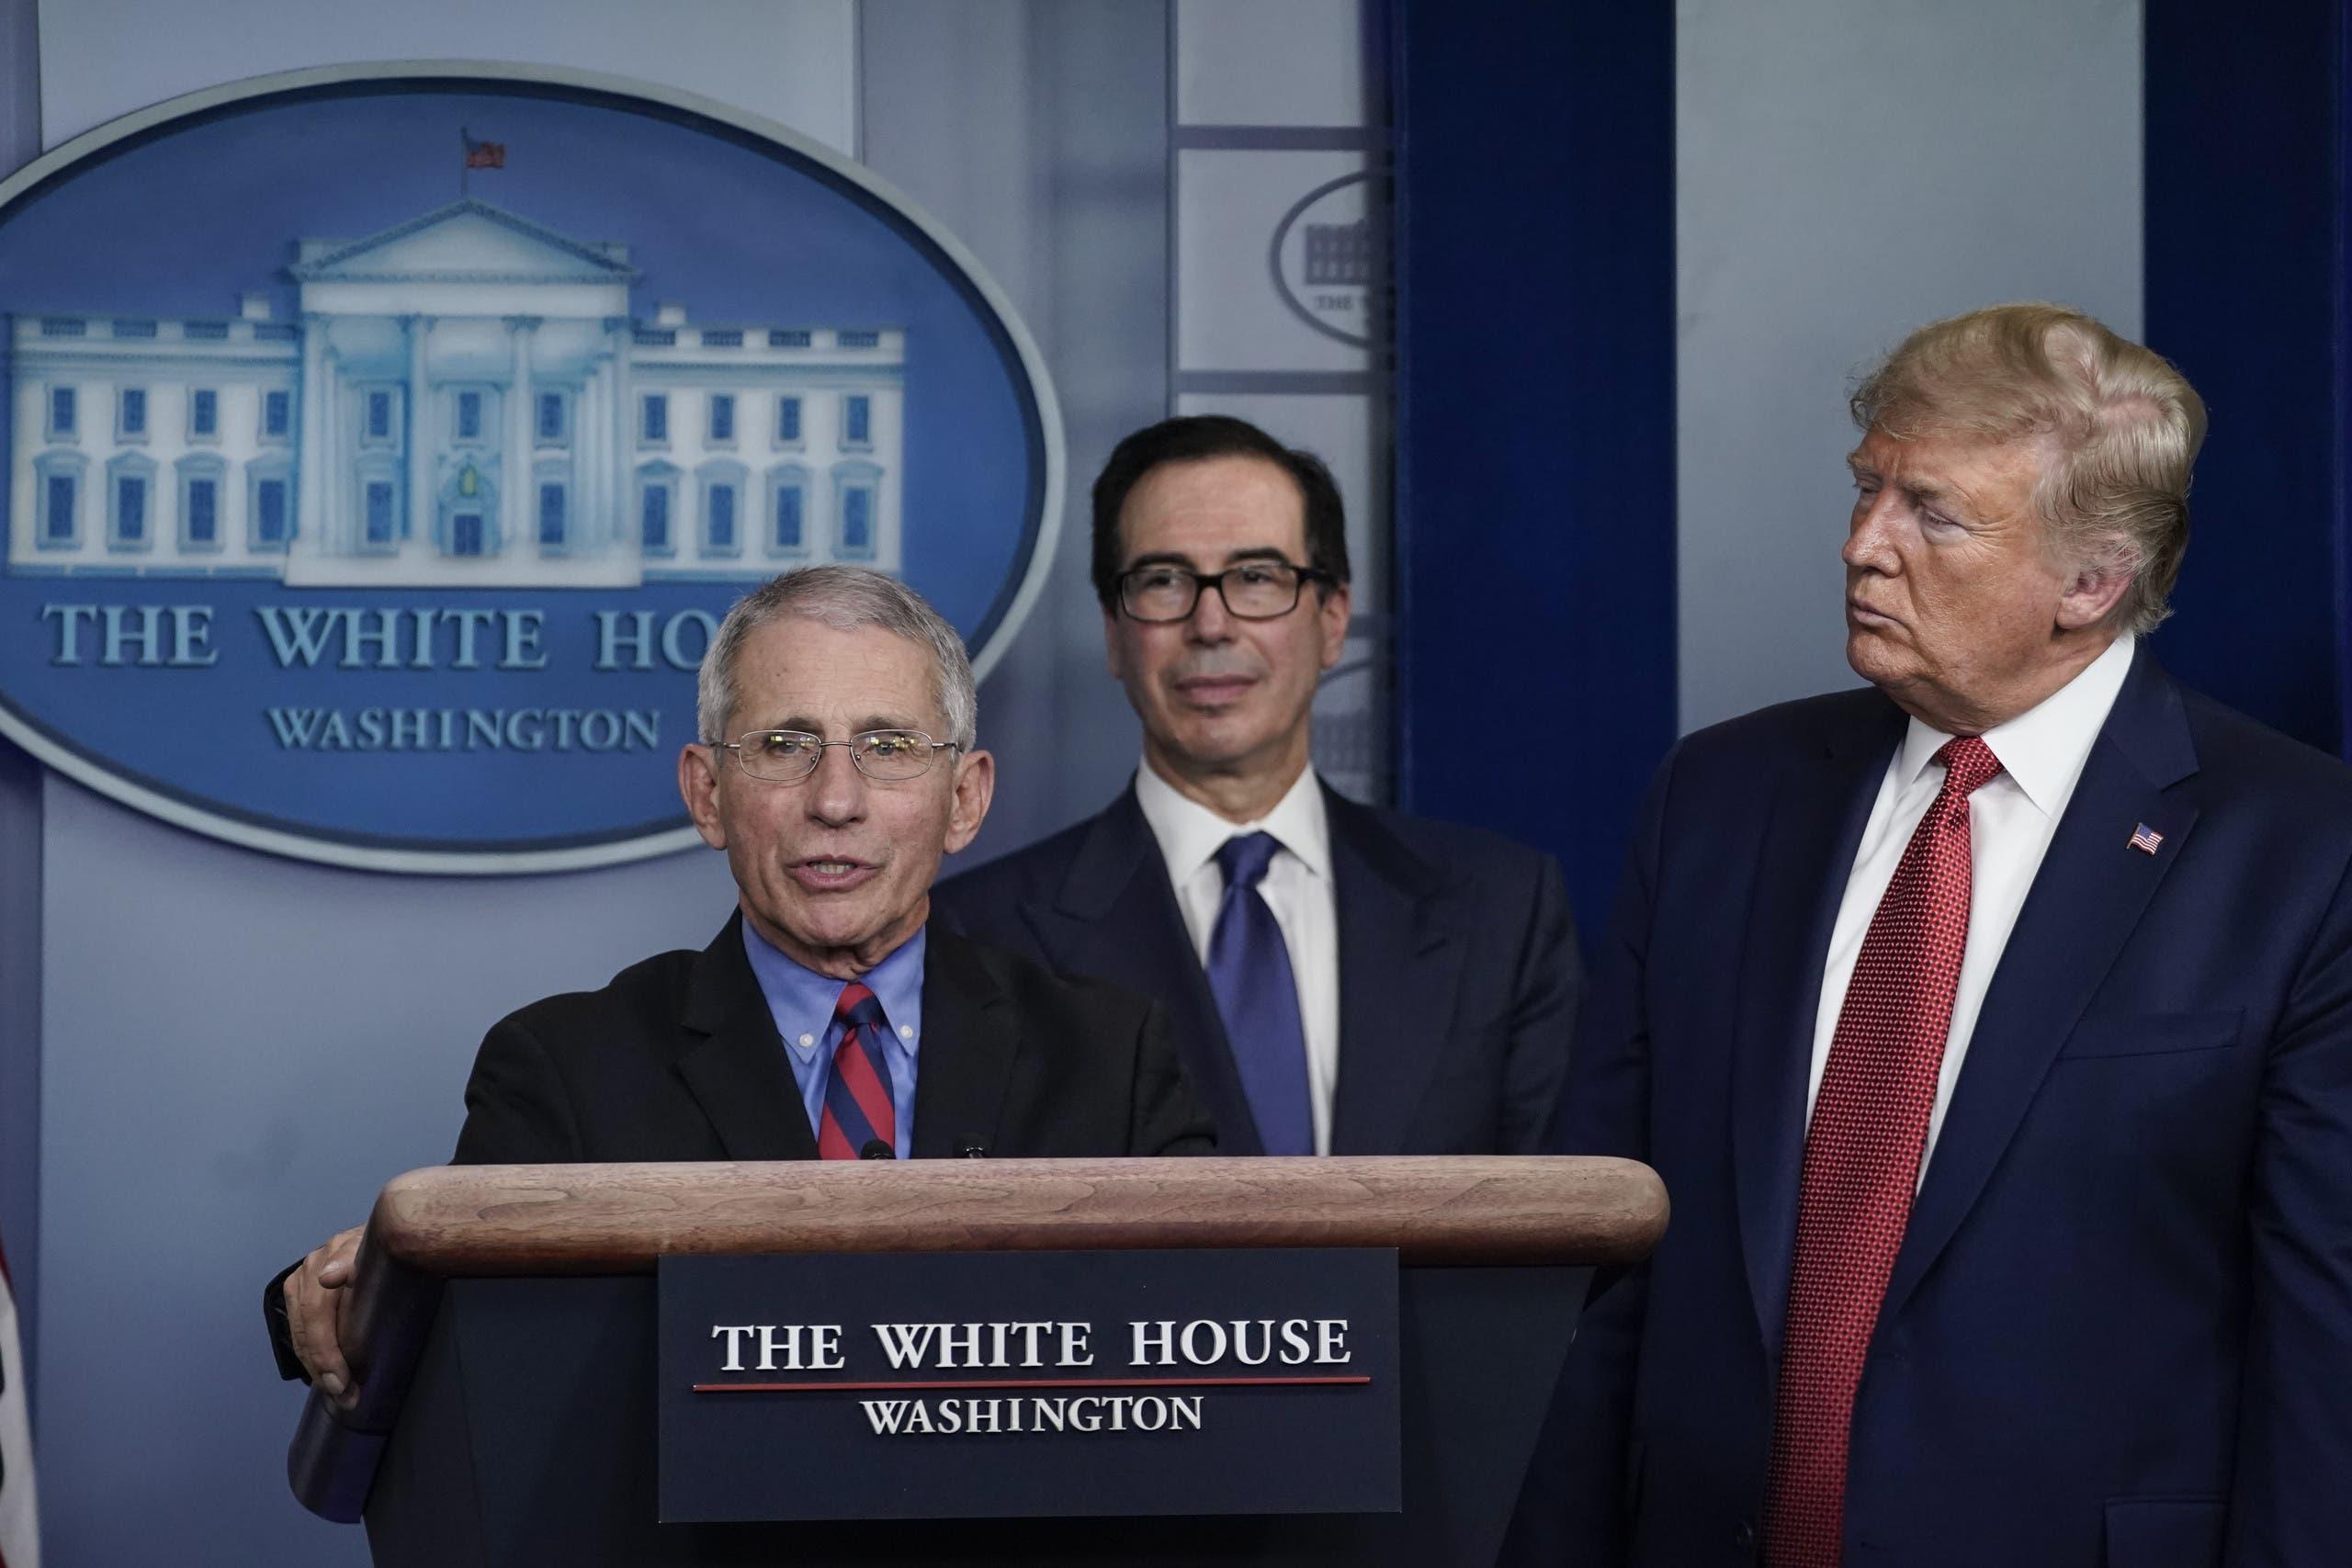 كورونا يحل على البيت الأبيض  ..  أشهر خبراء أمريكا بالحجر  ..  تفاصيل